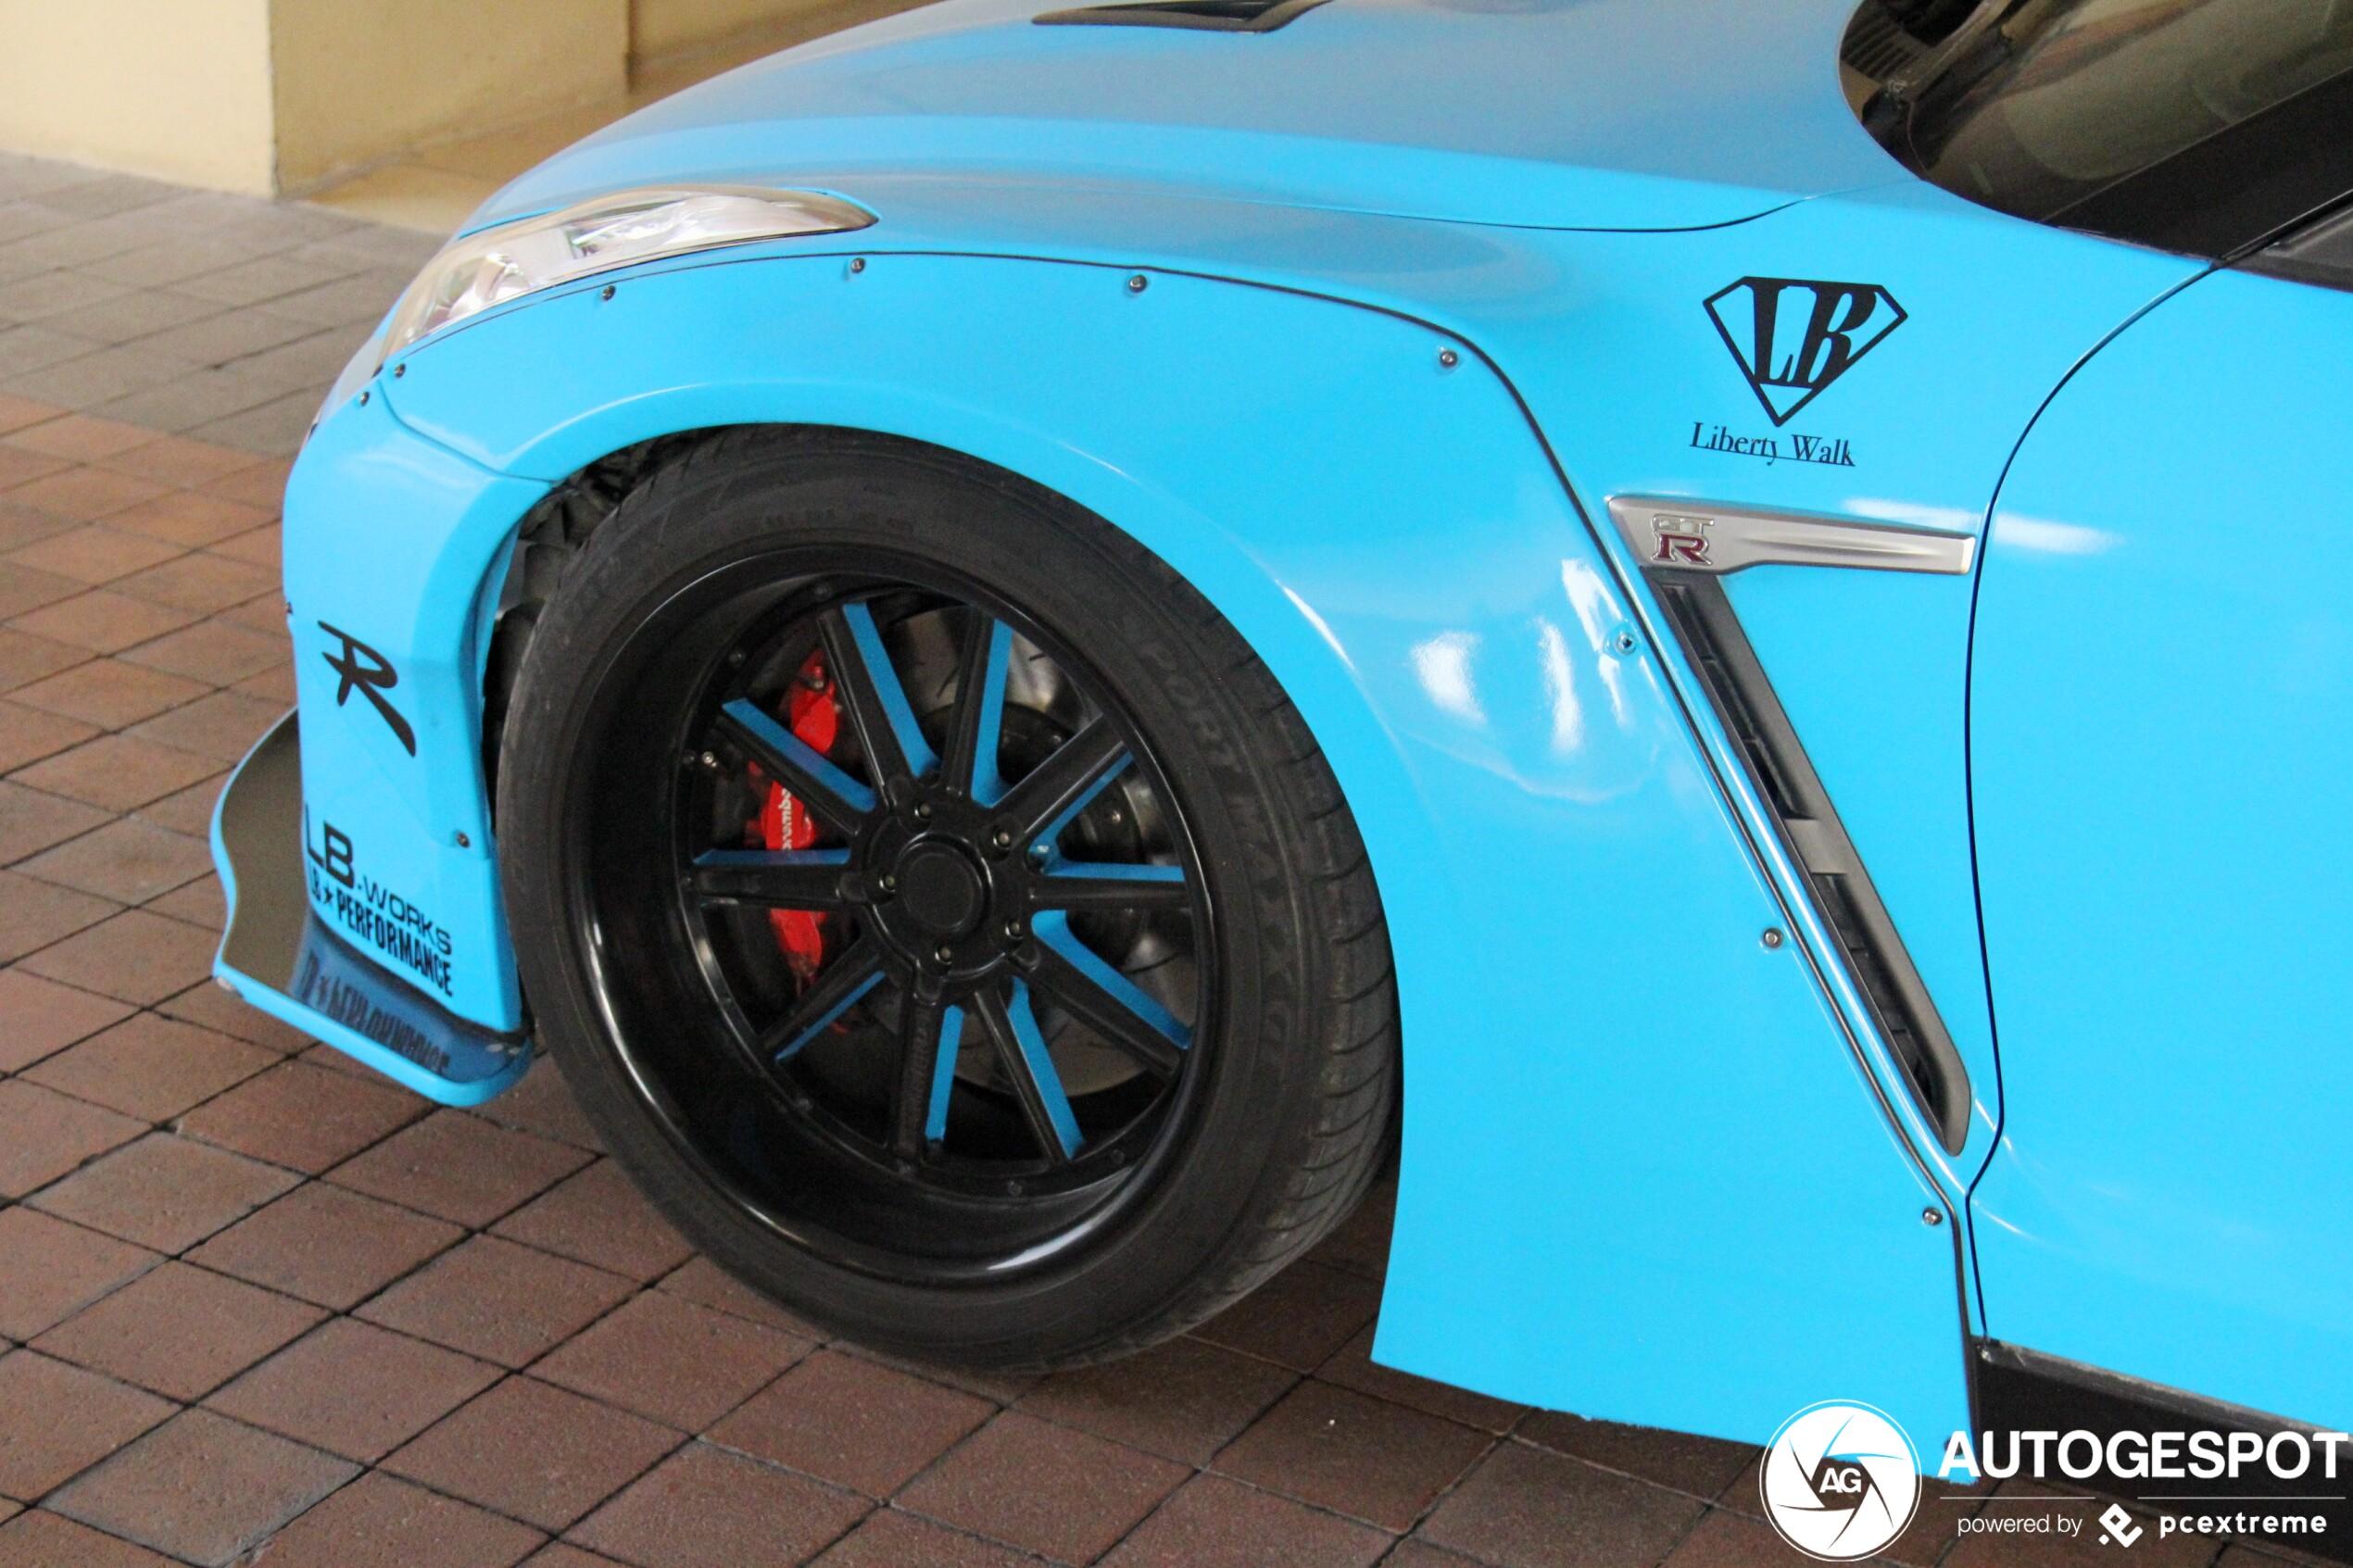 Tot in het extreme verbouwd: Nissan GT-R Liberty Walk